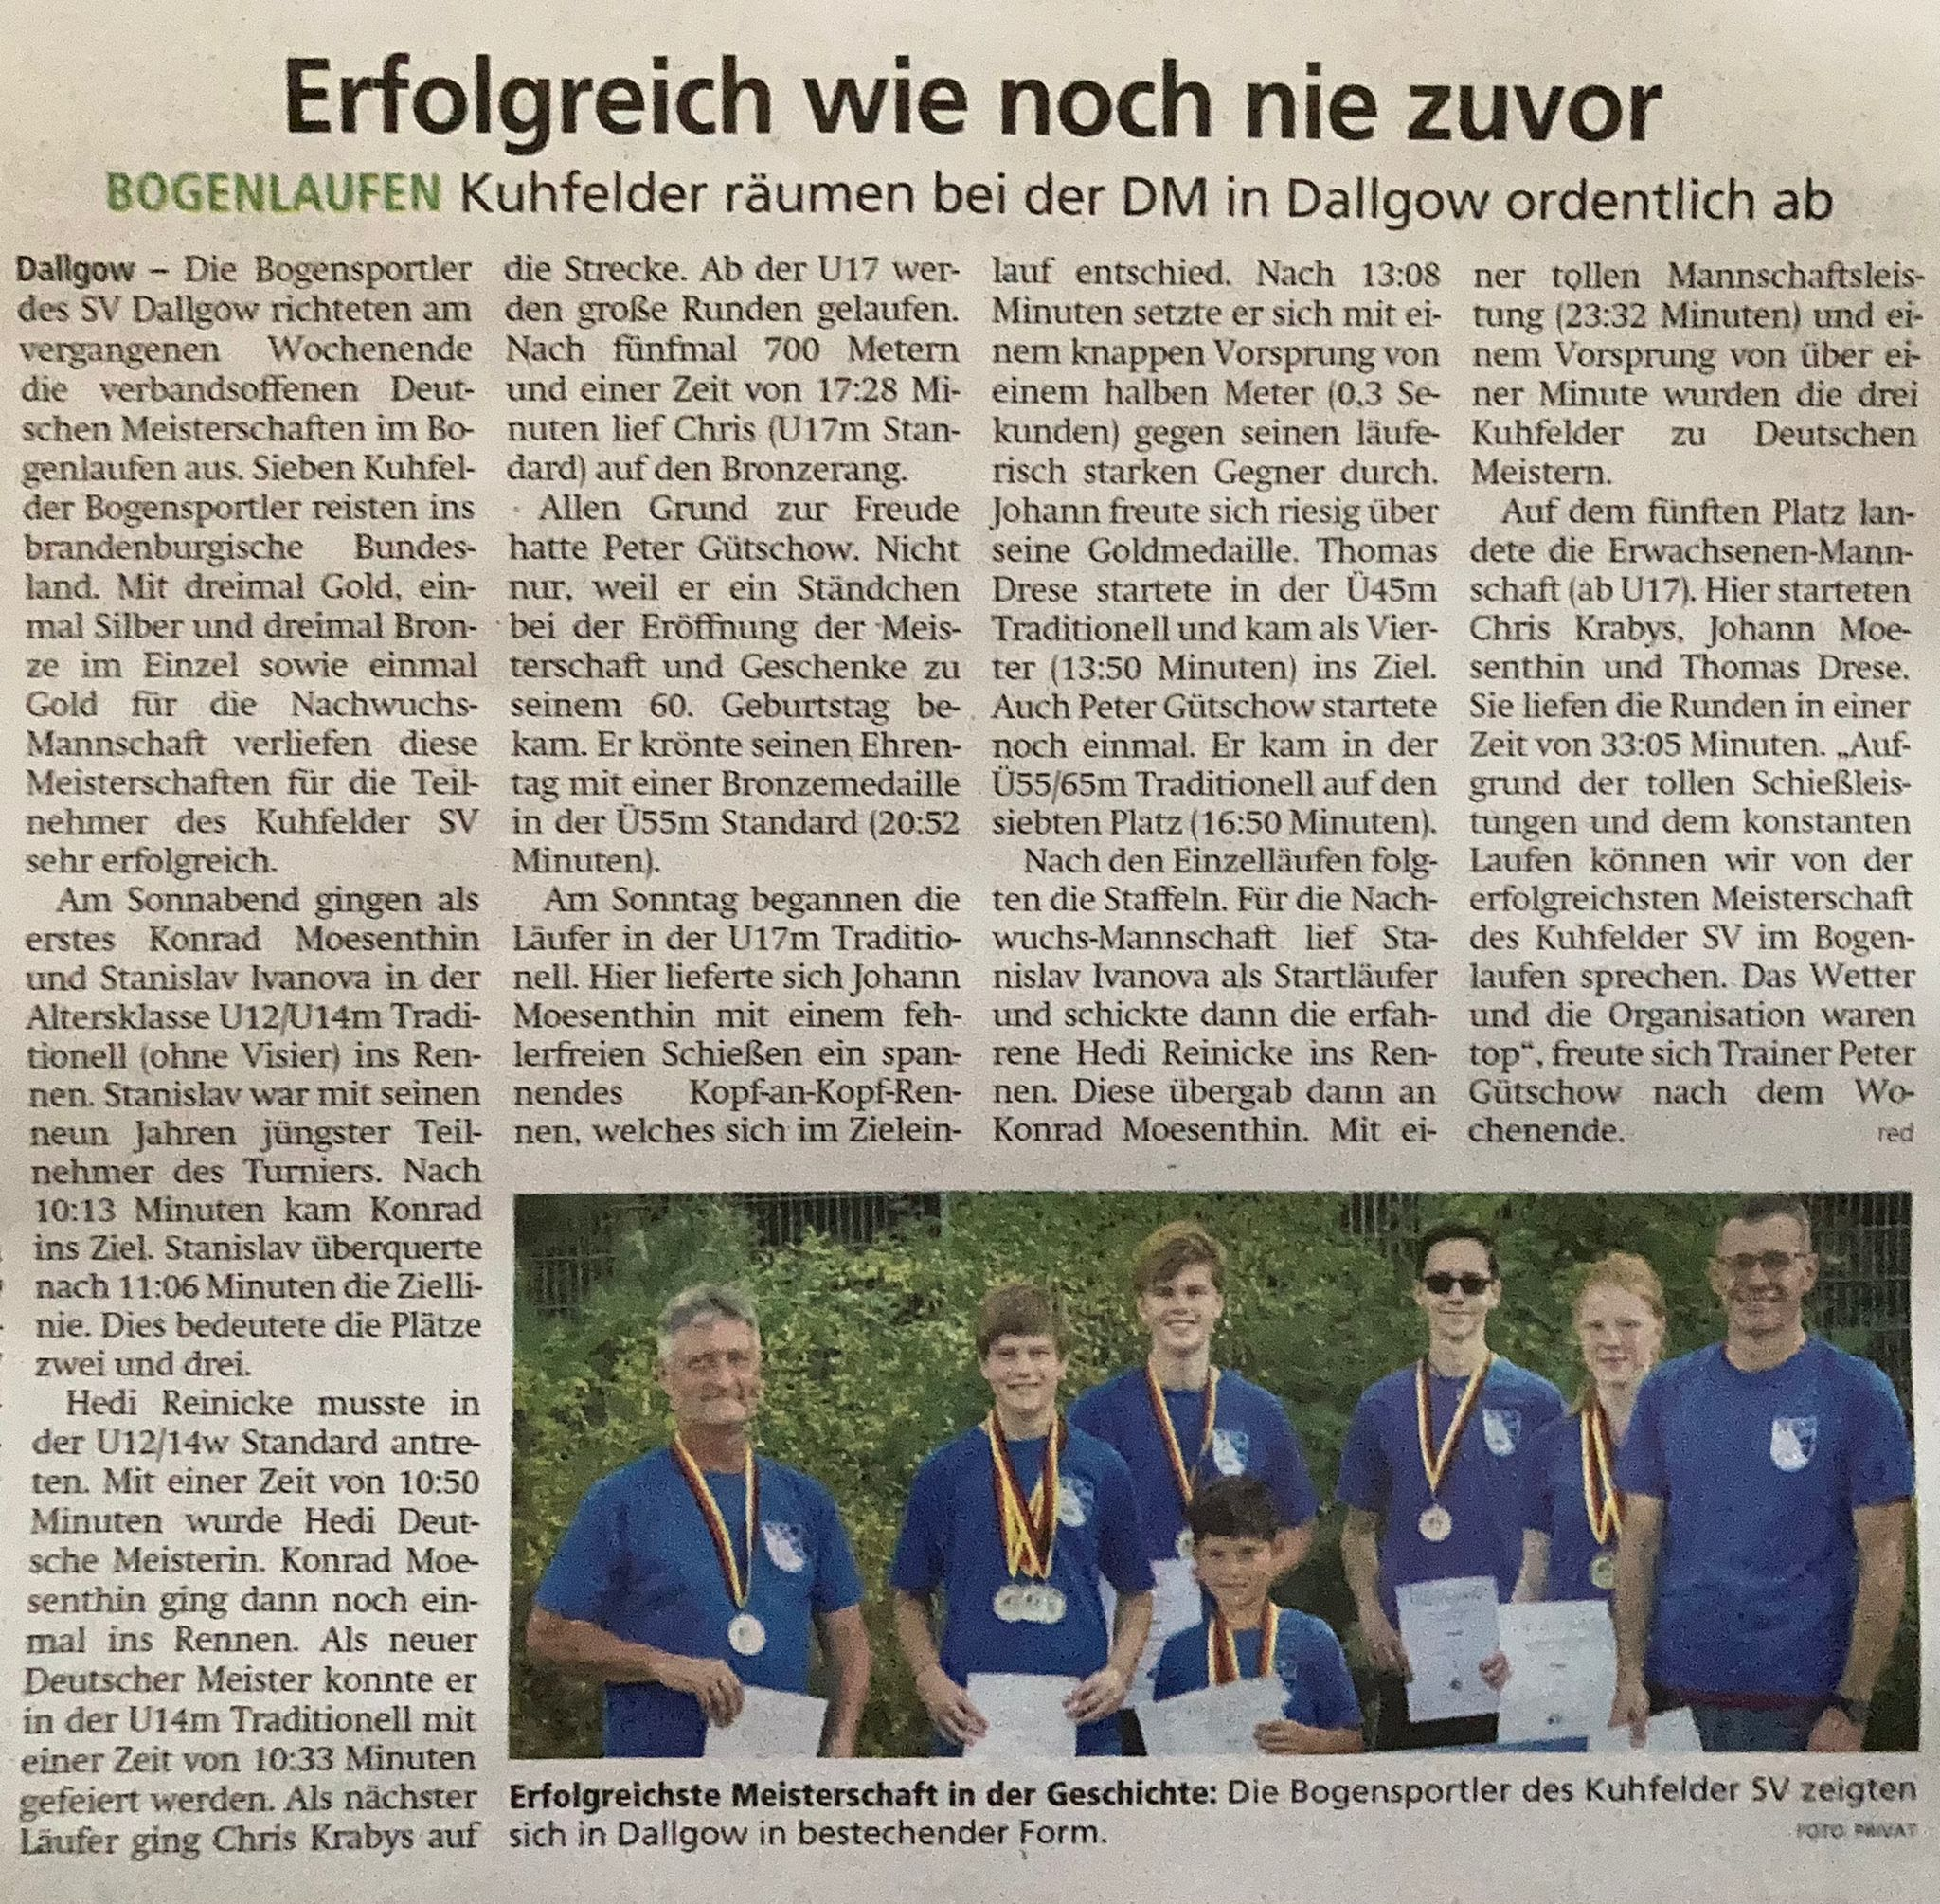 Artikel in der Volksstimme über die Erfolge des Kuhfelder SV bei der DM Bogenlaufen